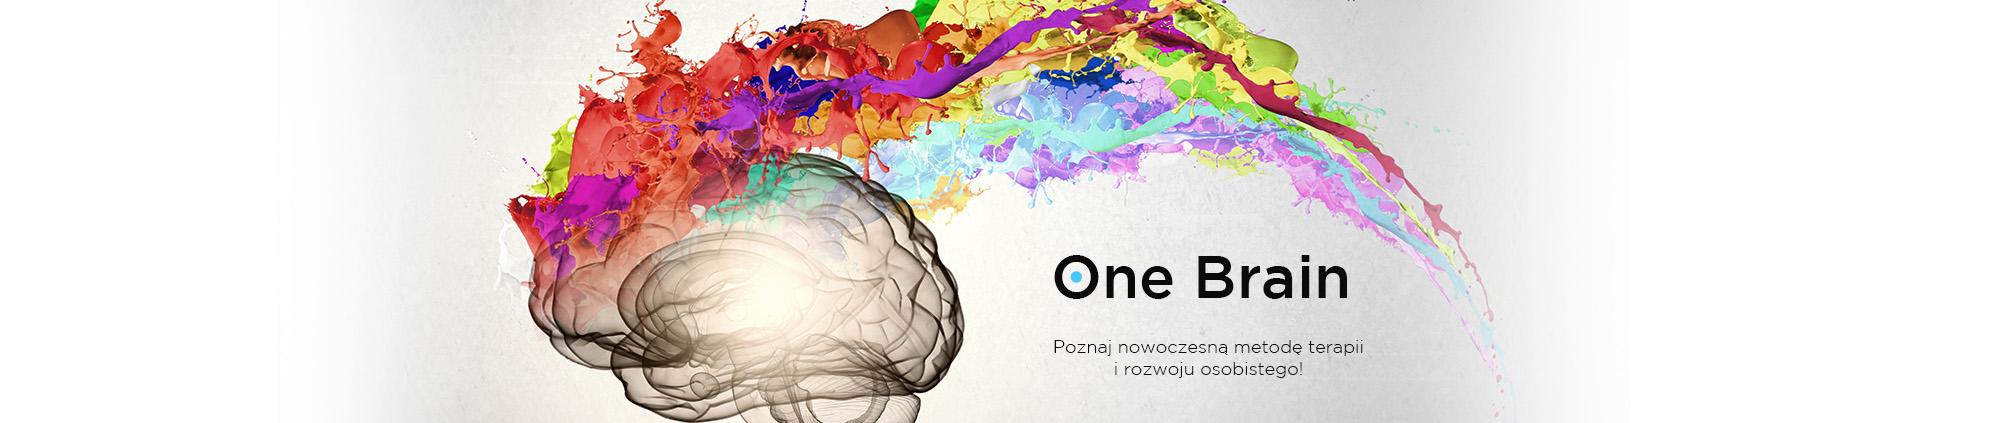 Terapia One brain, stres i leczenie - Małgorzata Radomska Poznań